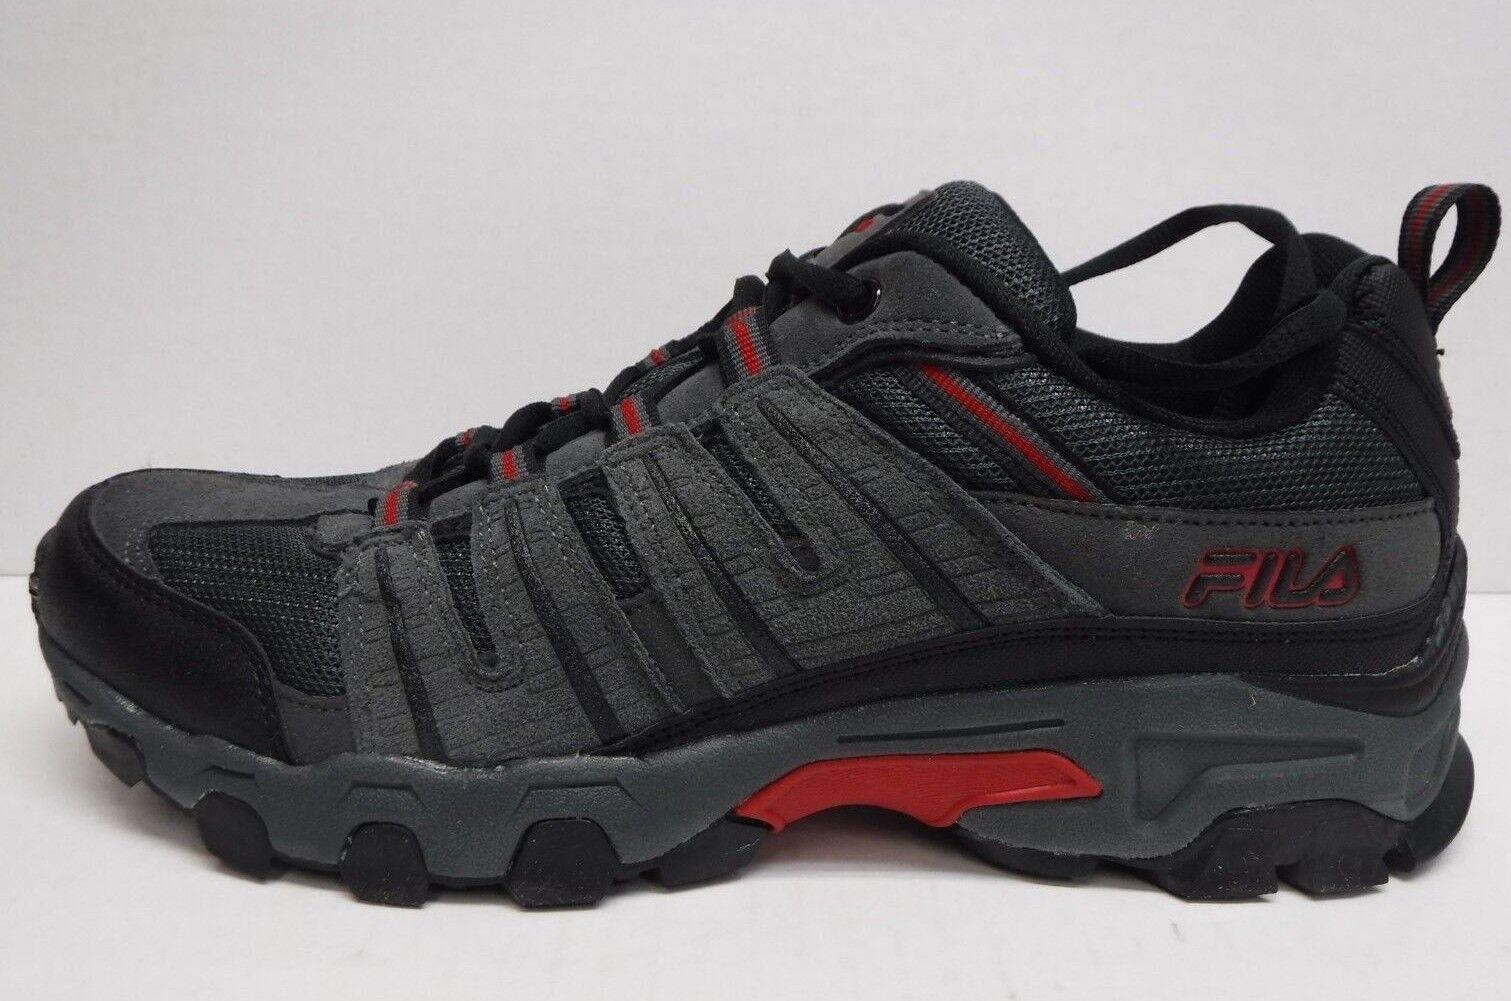 Fila Dimensione 9.5 Trail Running scarpe da ginnastica ginnastica ginnastica New Uomo scarpe c171c0